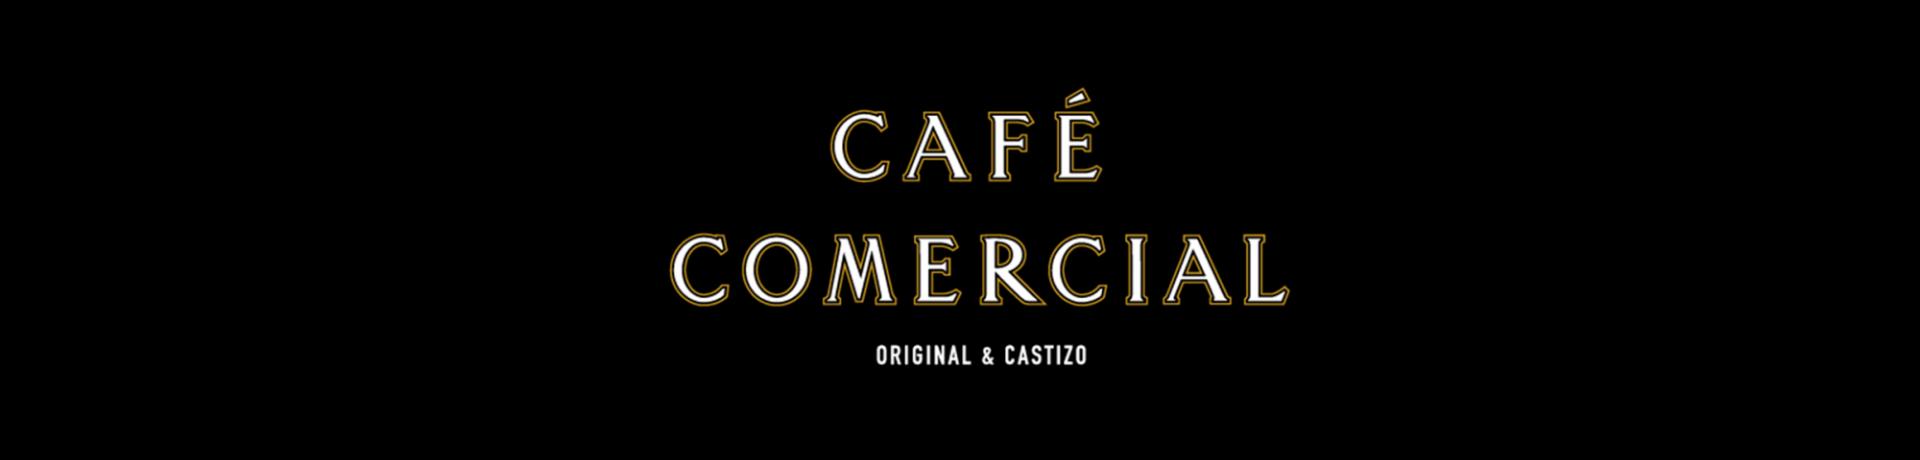 Original y Castizo